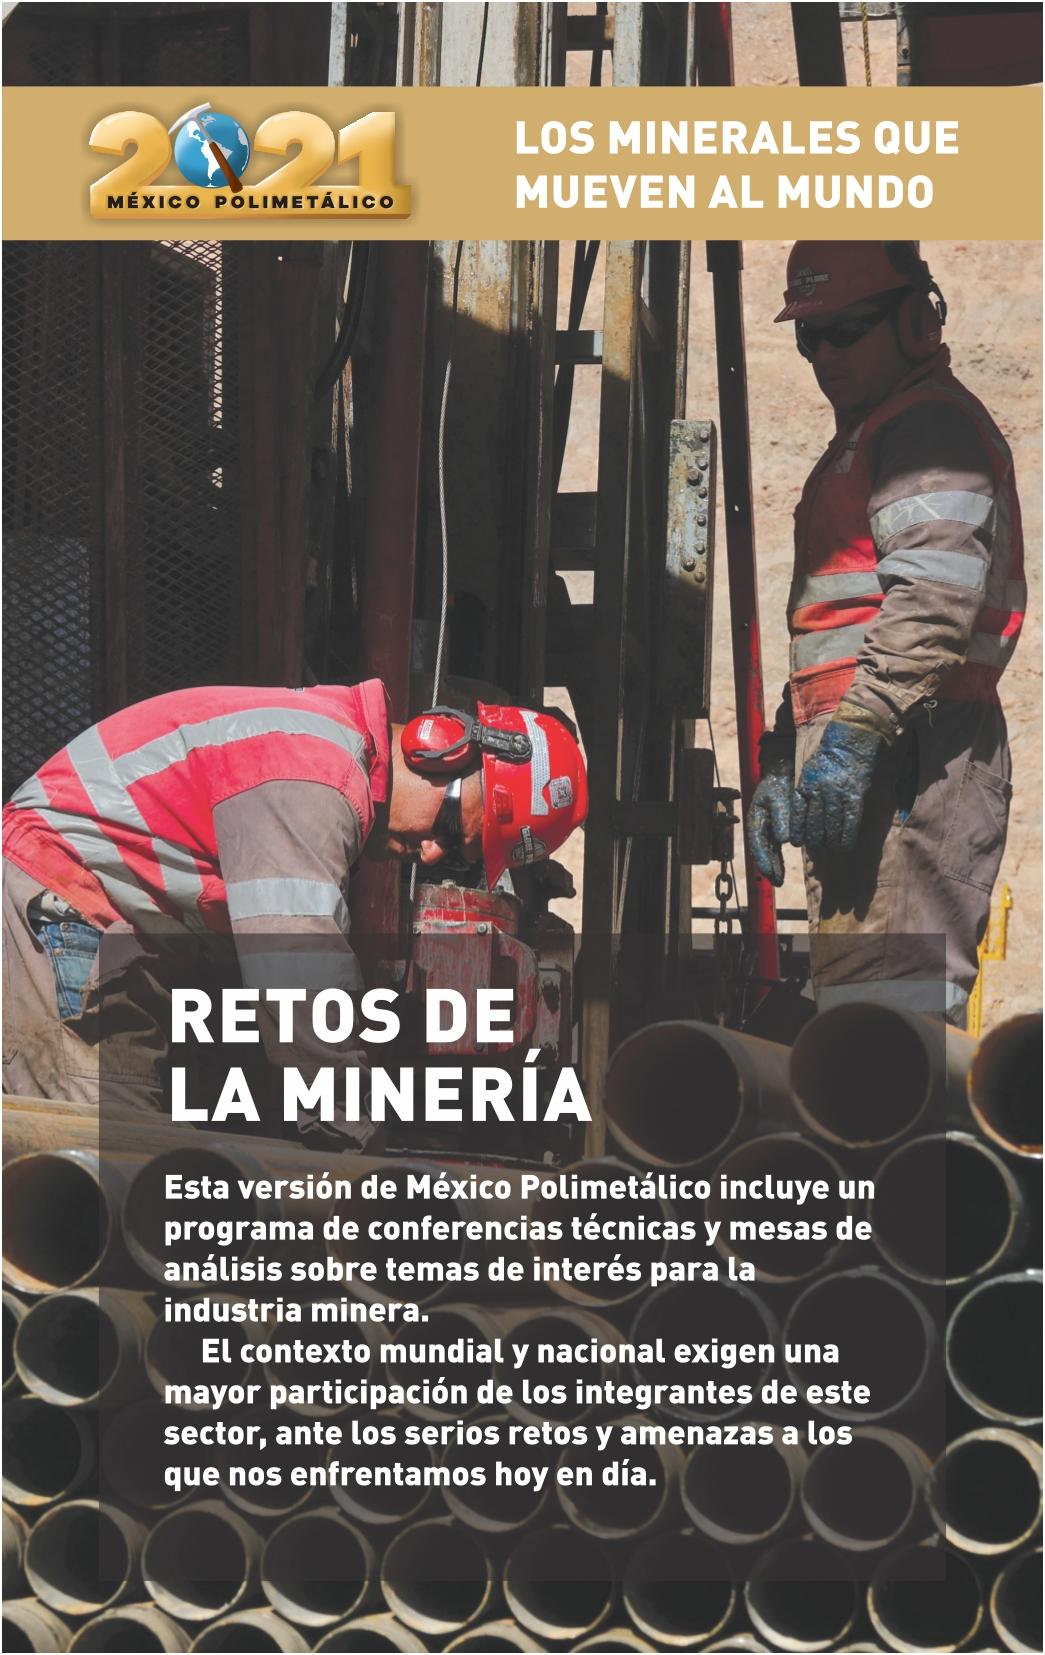 Mexico Polimetalico Ed. 2021_page-0004